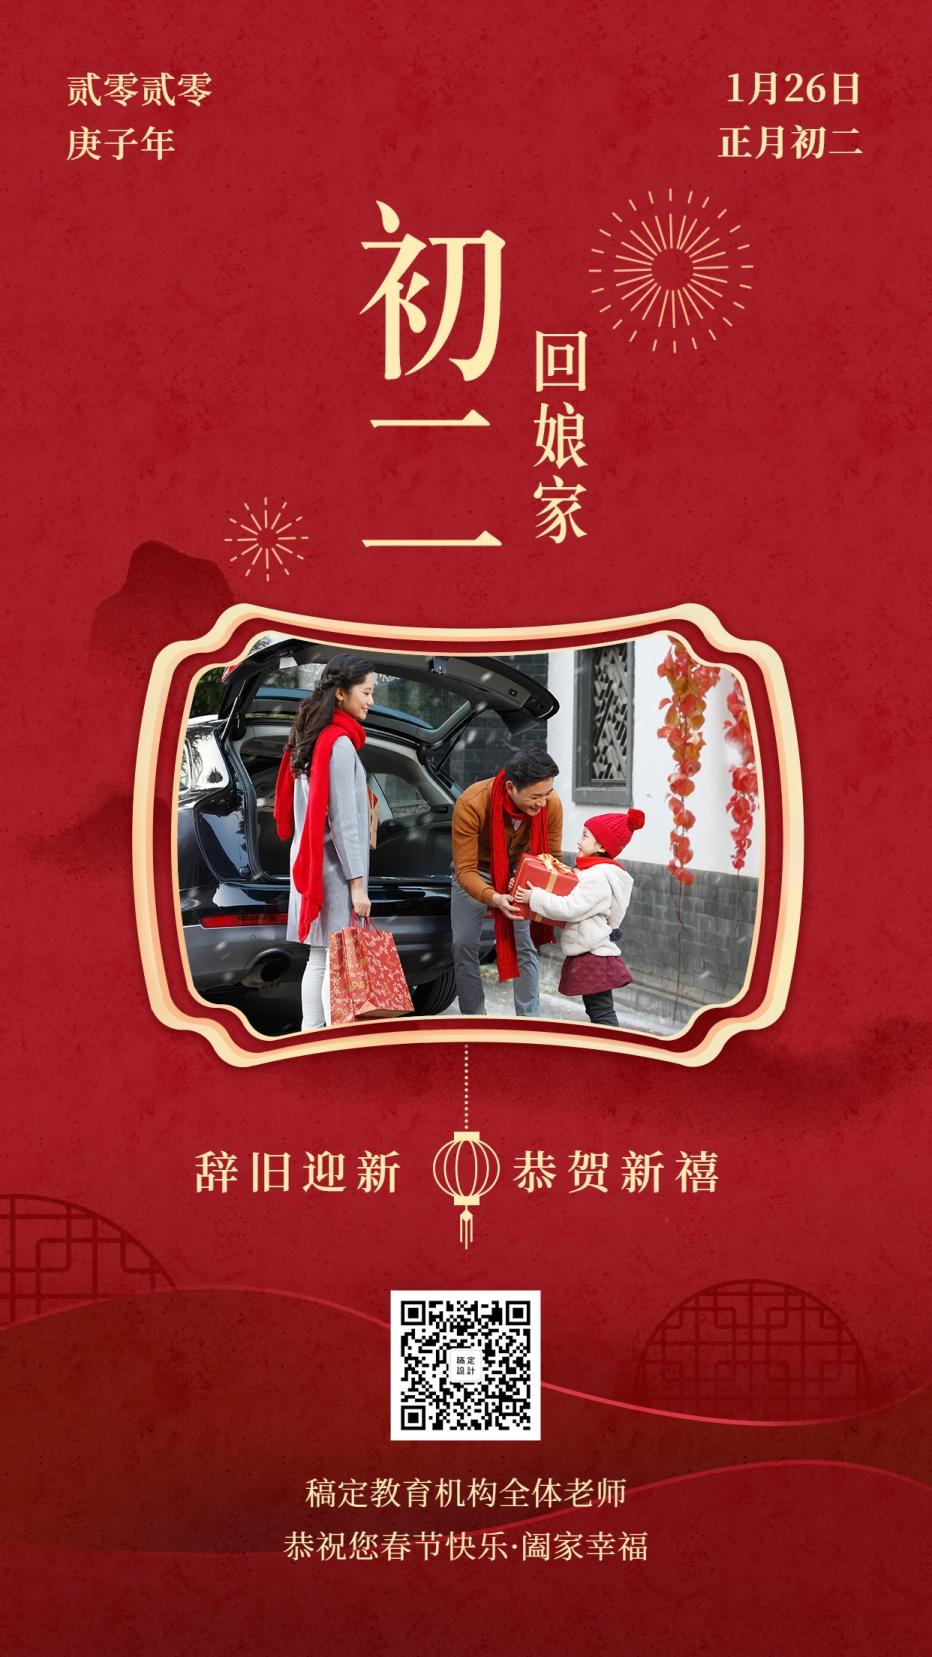 春节祝福海报/教育培训/初二